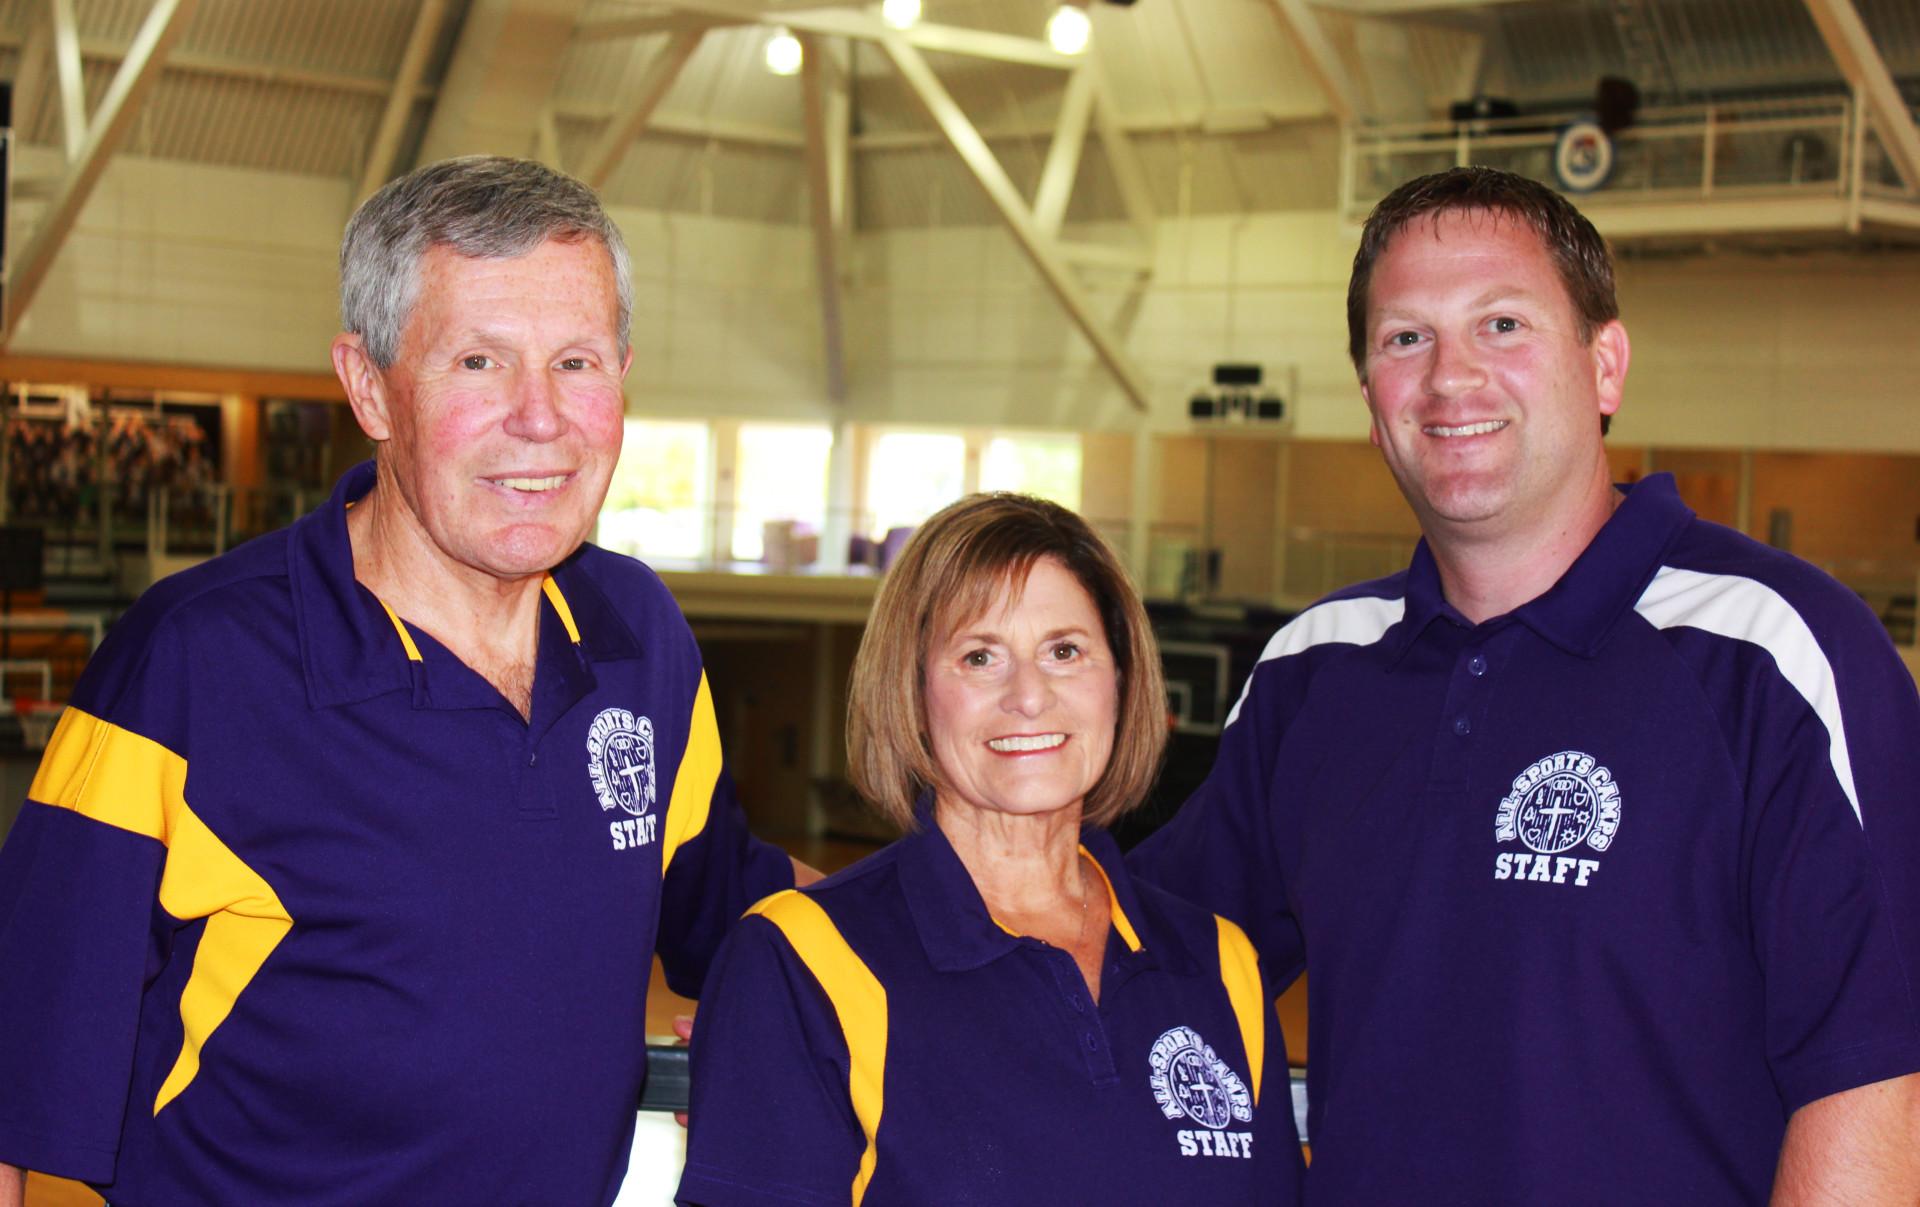 Bob Judy Tom - Loras All Sports Camp Leaders